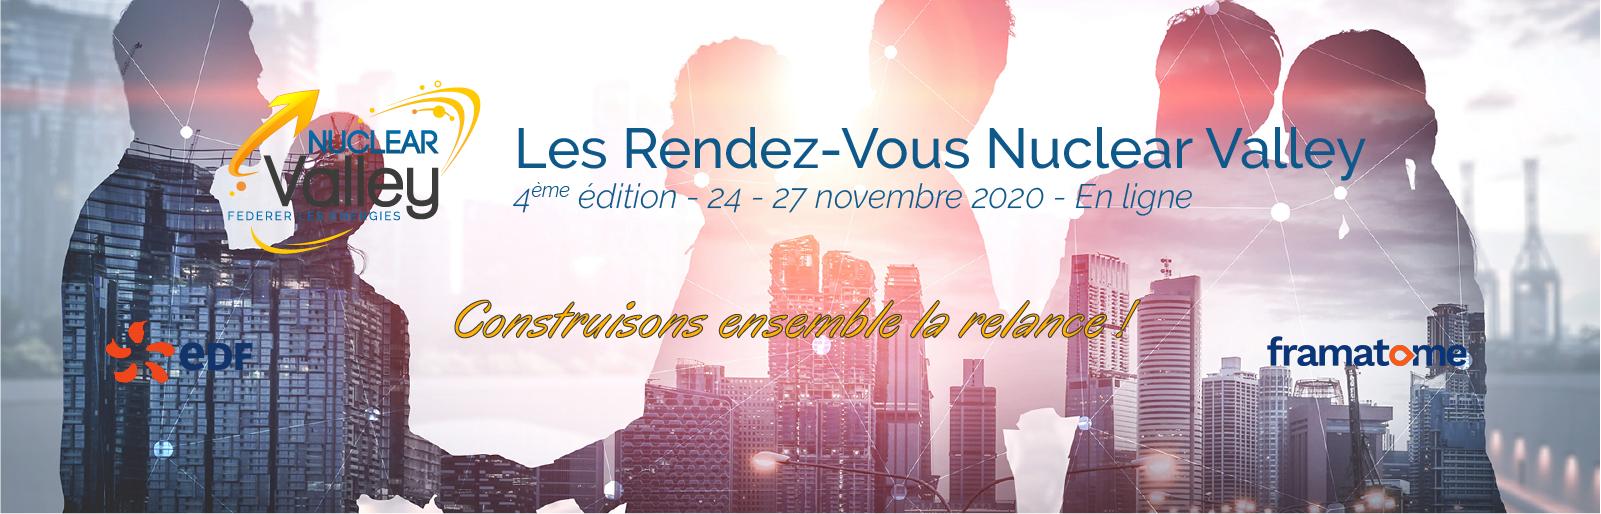 Les Rendez-Vous Nuclear Valley 2020